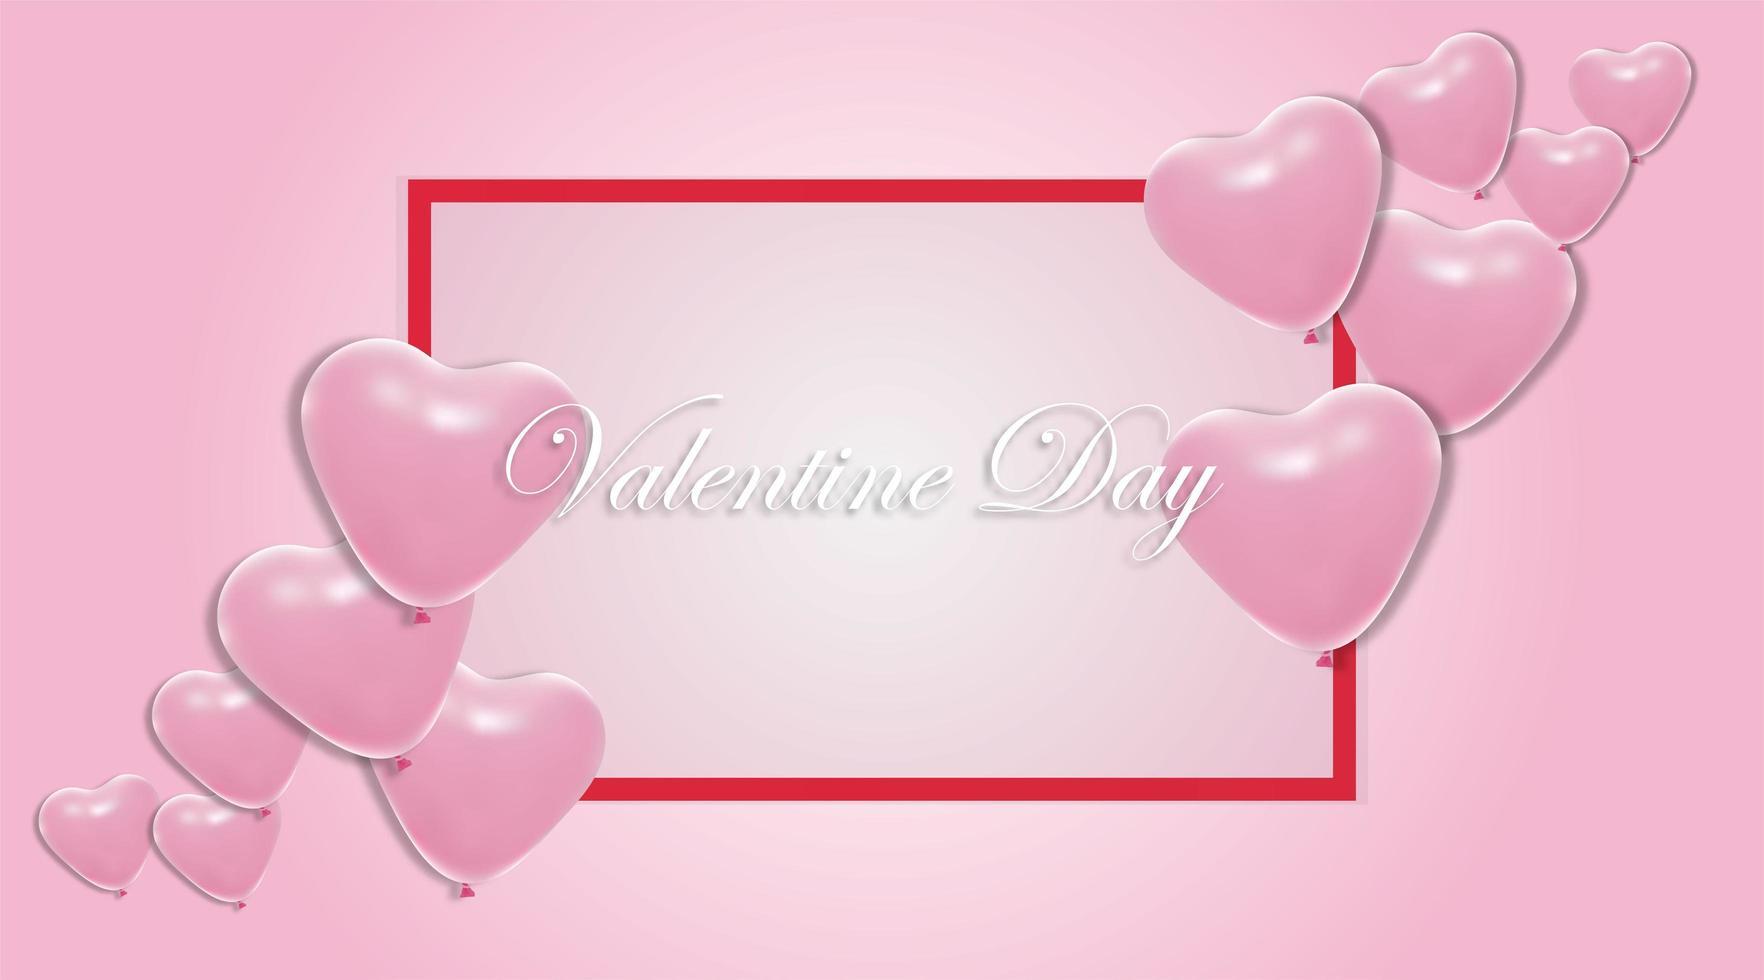 fundos do dia dos namorados. Desenho de balão de coração 3D. ilustração vetorial vetor